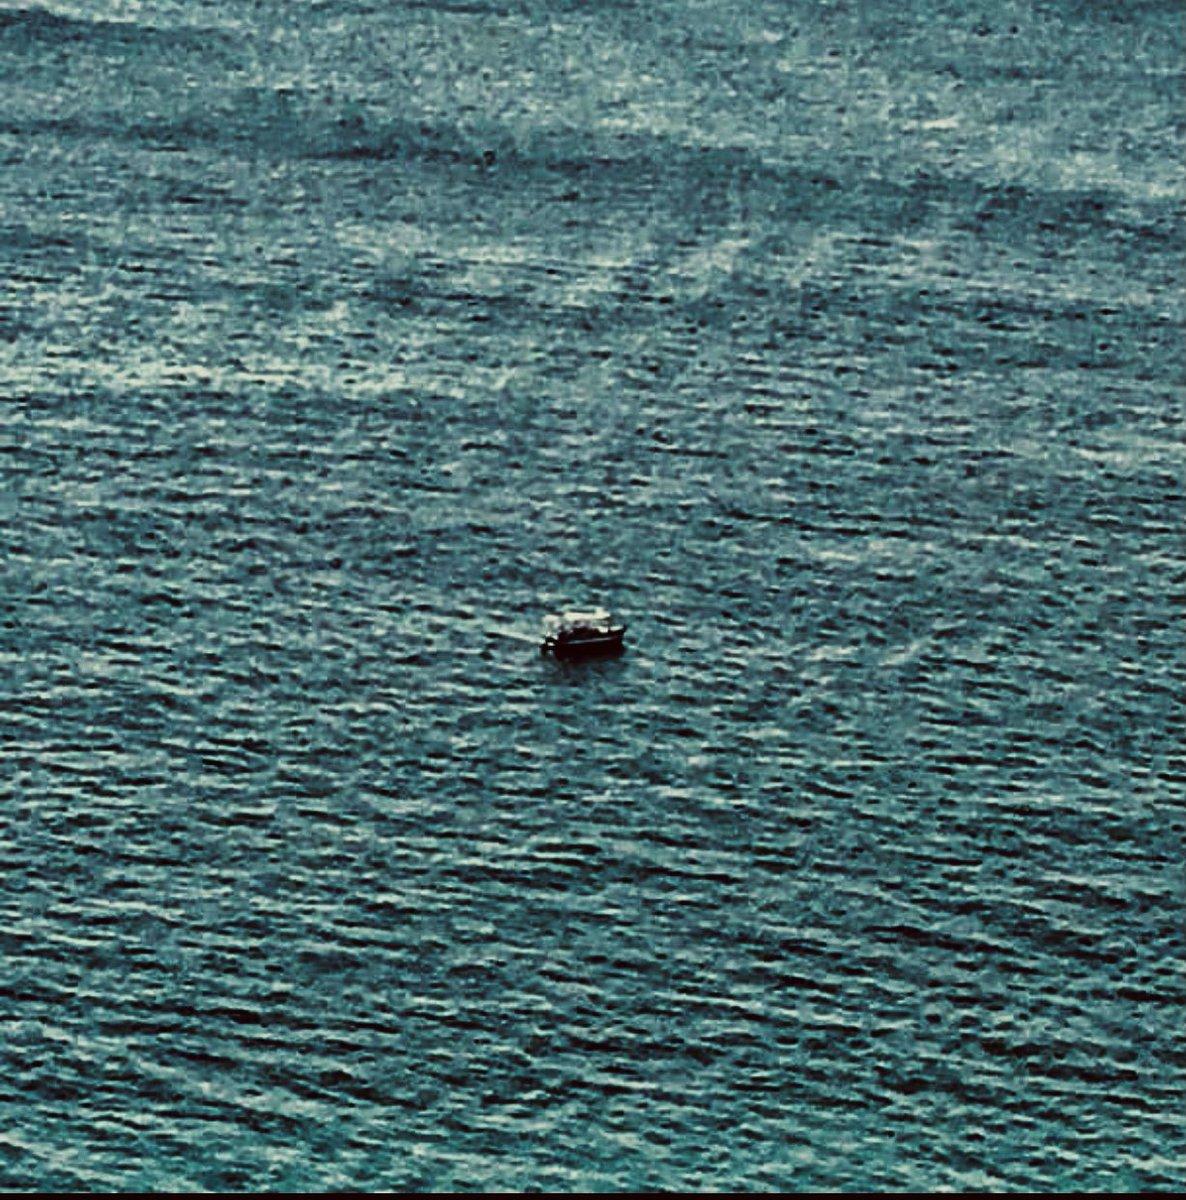 """#BoaNoite/#FelizAmanhã  """"O barquinho vai E a tardinha cai"""" (Roberto Menescal - Ronaldo Boscoli) #mar #sea #barco #boat #nautical #caminho #way #tarde #afternoon #diafeliz #happyday #vista #view  #frentemar #seafront #gratidão #gratitude #foto #photo #goodnight #happytomorrow"""